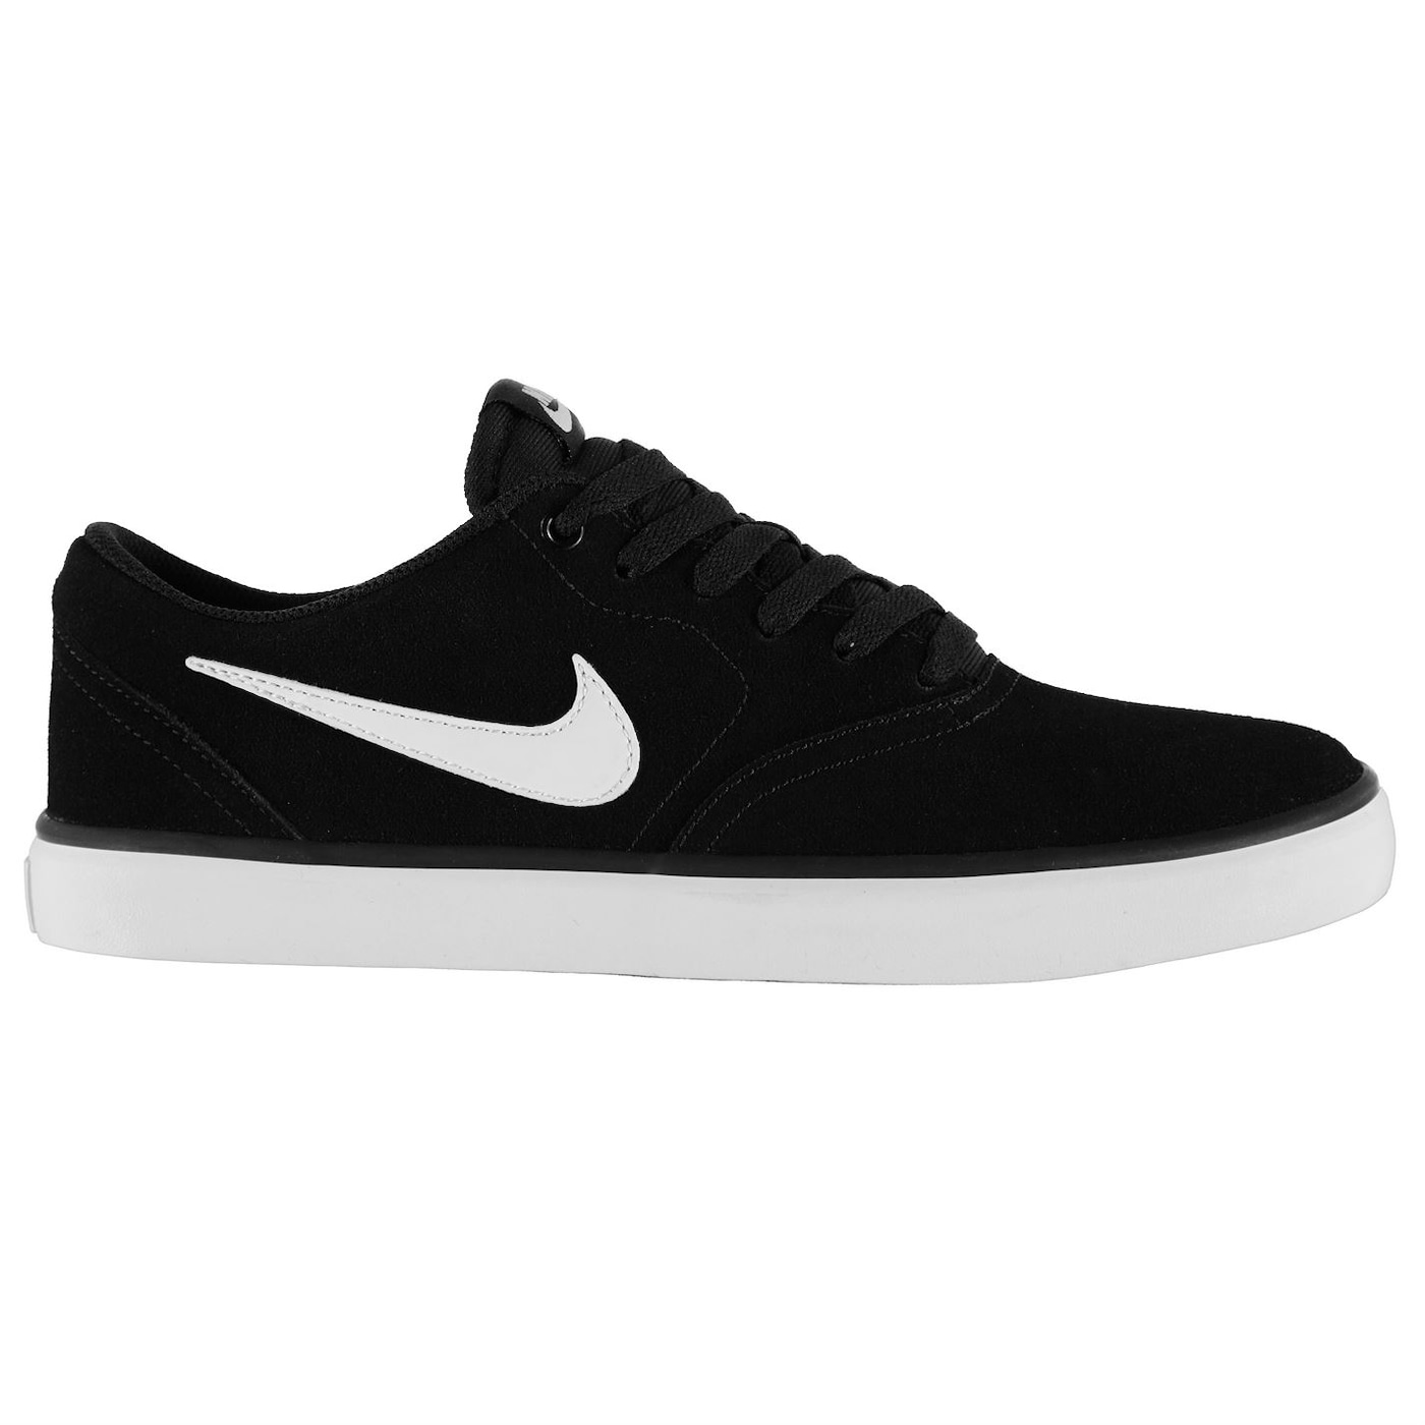 boty Nike Mogan Low 2 SE pánské Skate Shoes